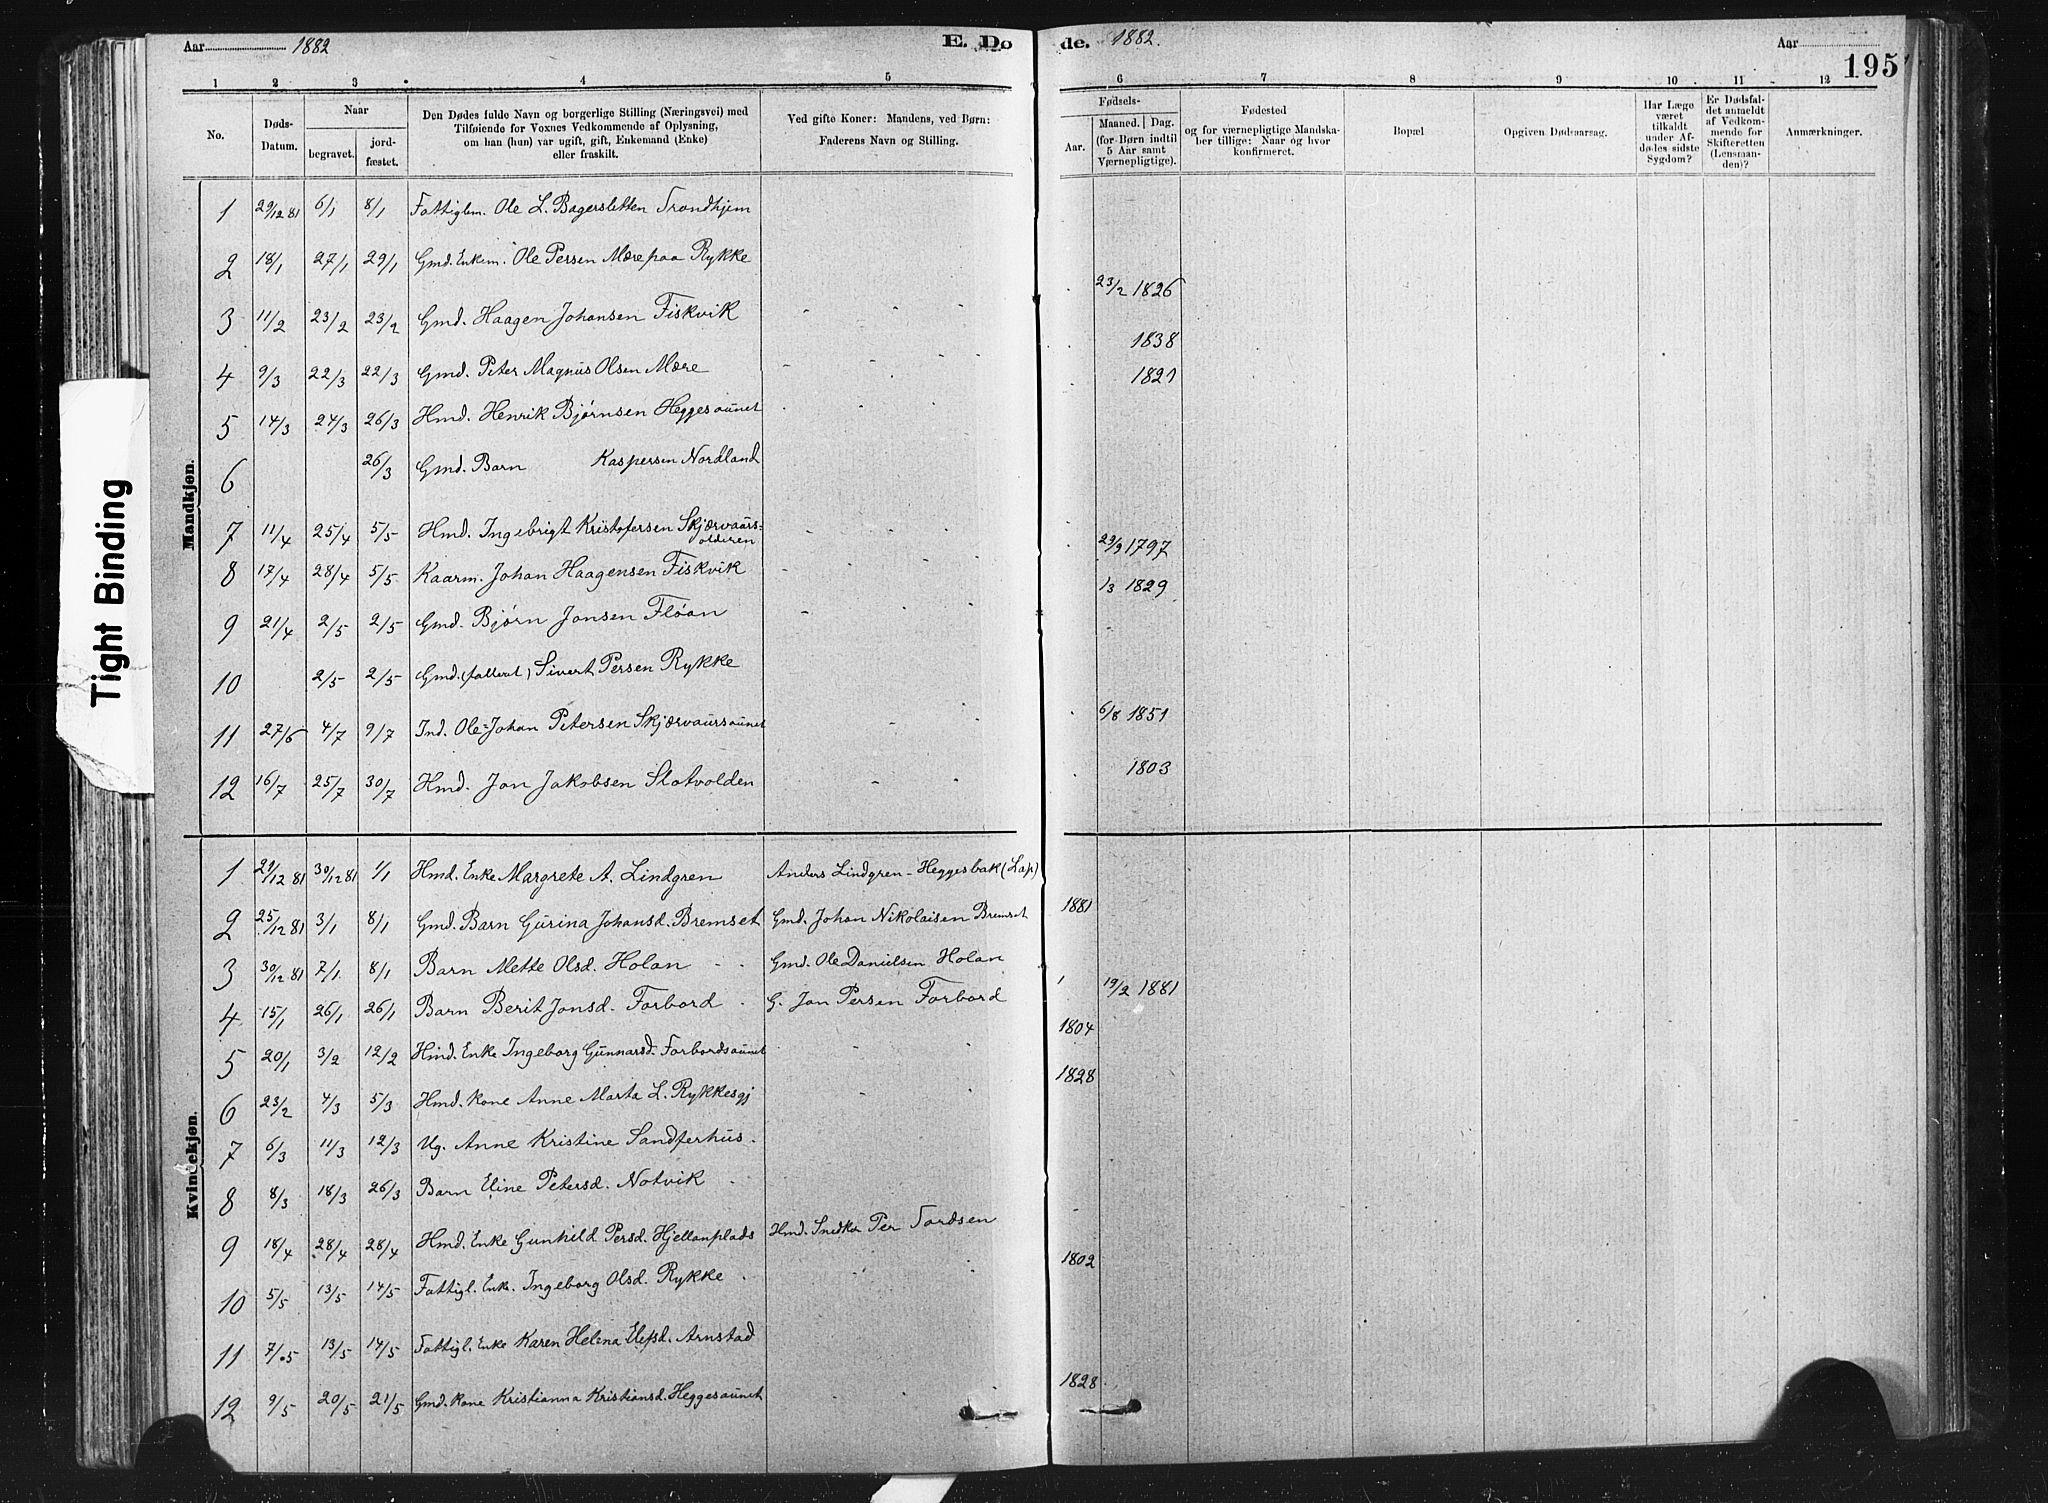 SAT, Ministerialprotokoller, klokkerbøker og fødselsregistre - Nord-Trøndelag, 712/L0103: Klokkerbok nr. 712C01, 1878-1917, s. 195